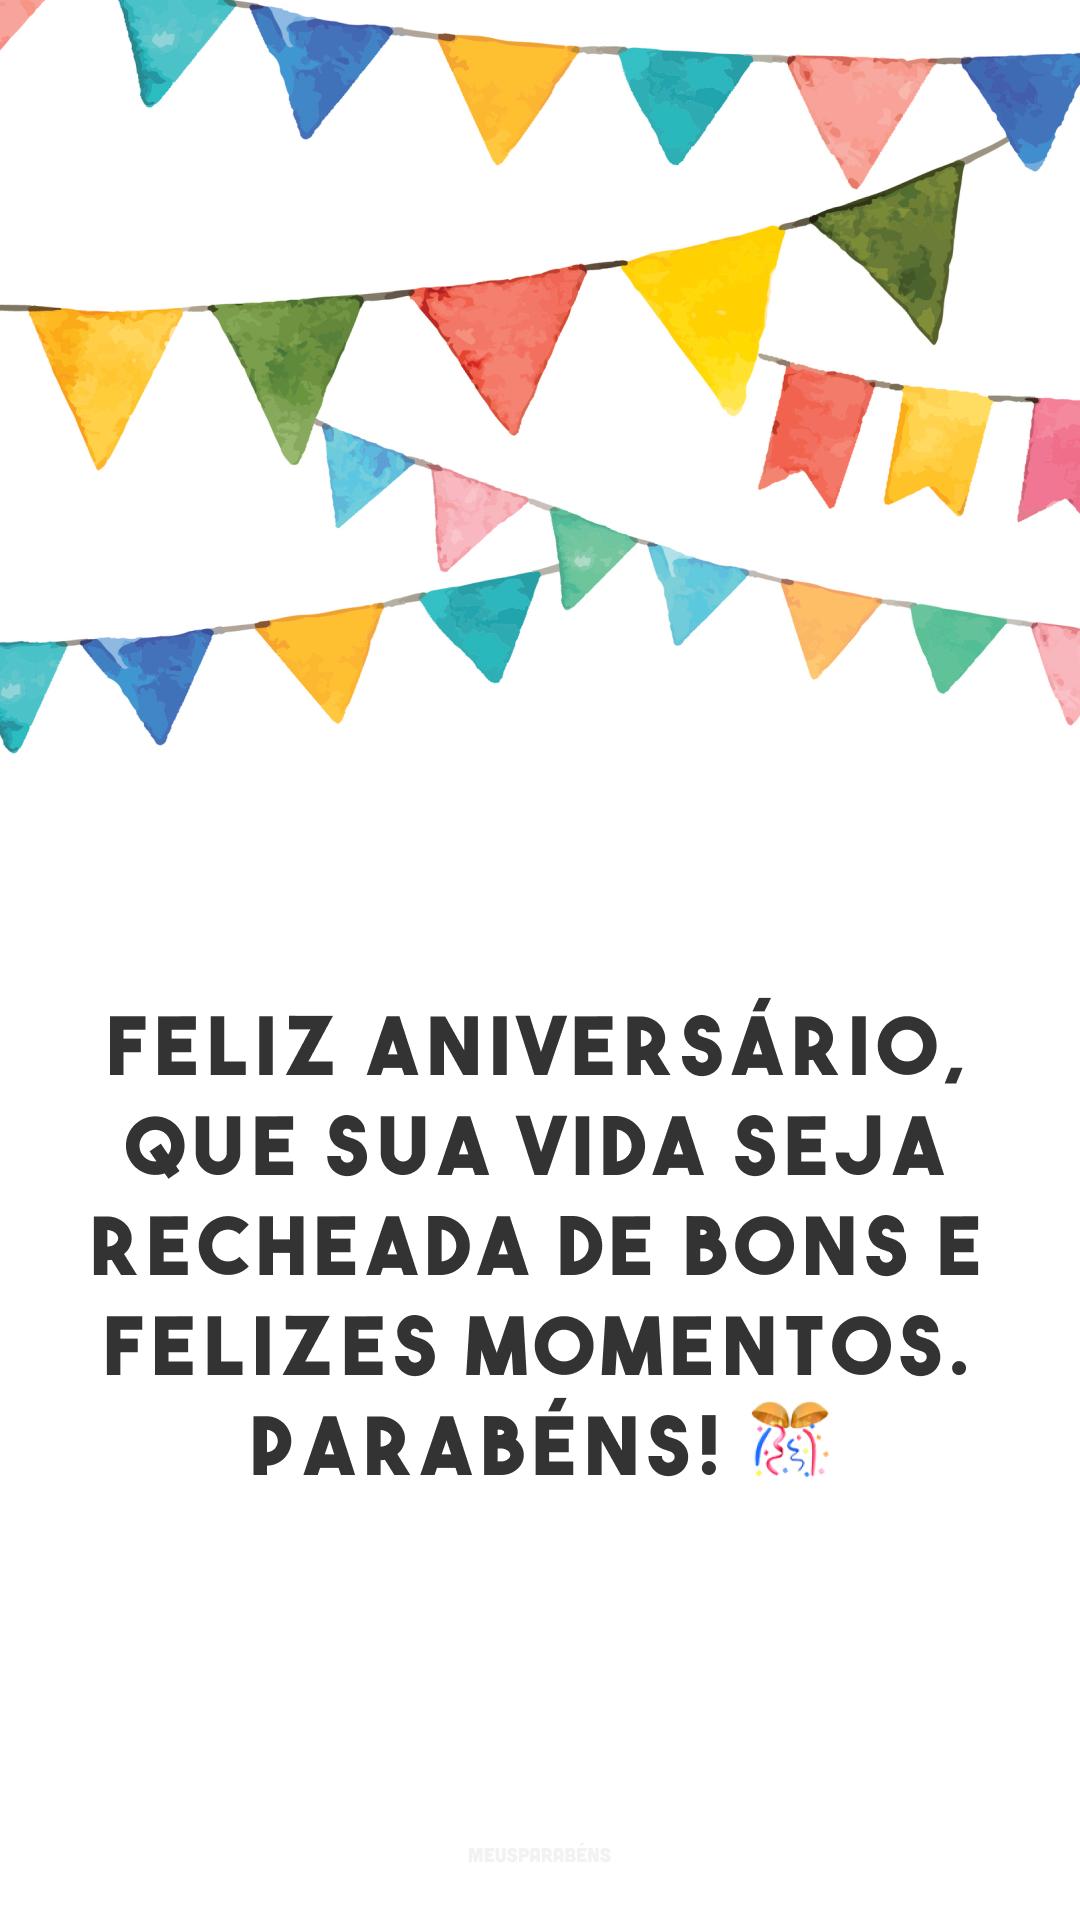 Feliz aniversário, que sua vida seja recheada de bons e felizes momentos. Parabéns! 🎊